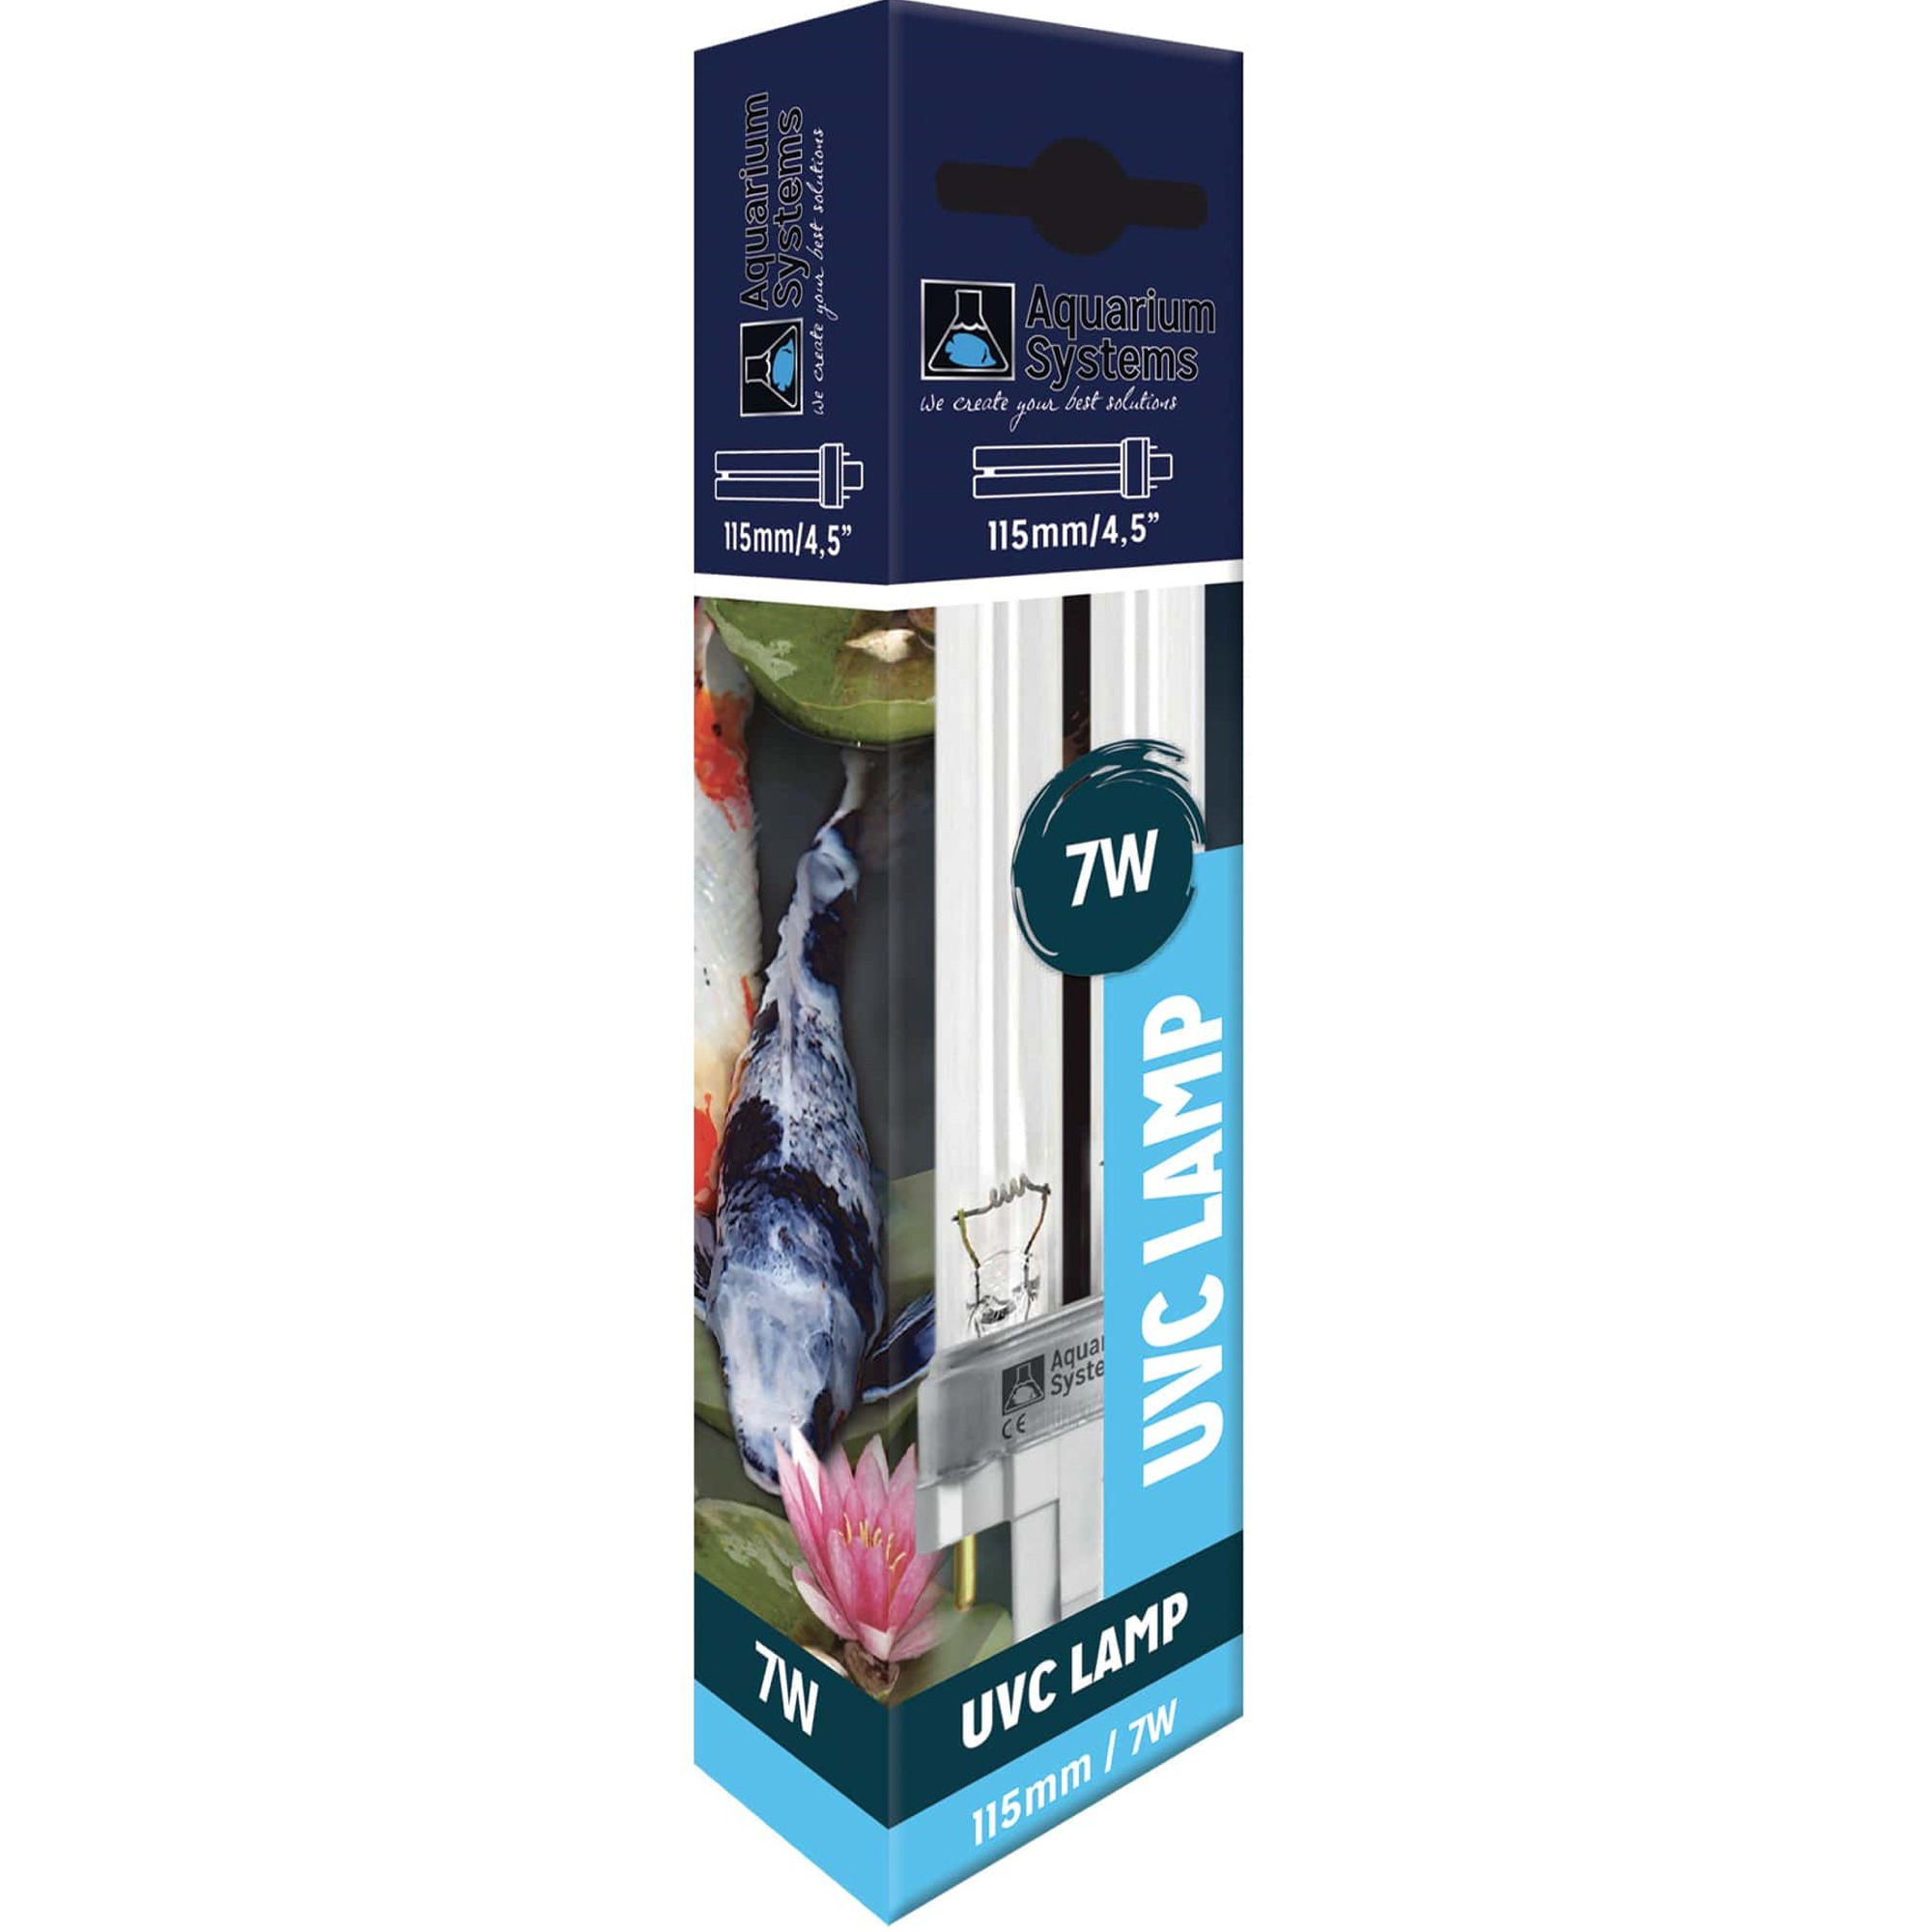 AQUARIUM SYSTEMS UVC Lamp 7W culot G23 ampoule compacte UV-C pour stérilisateur